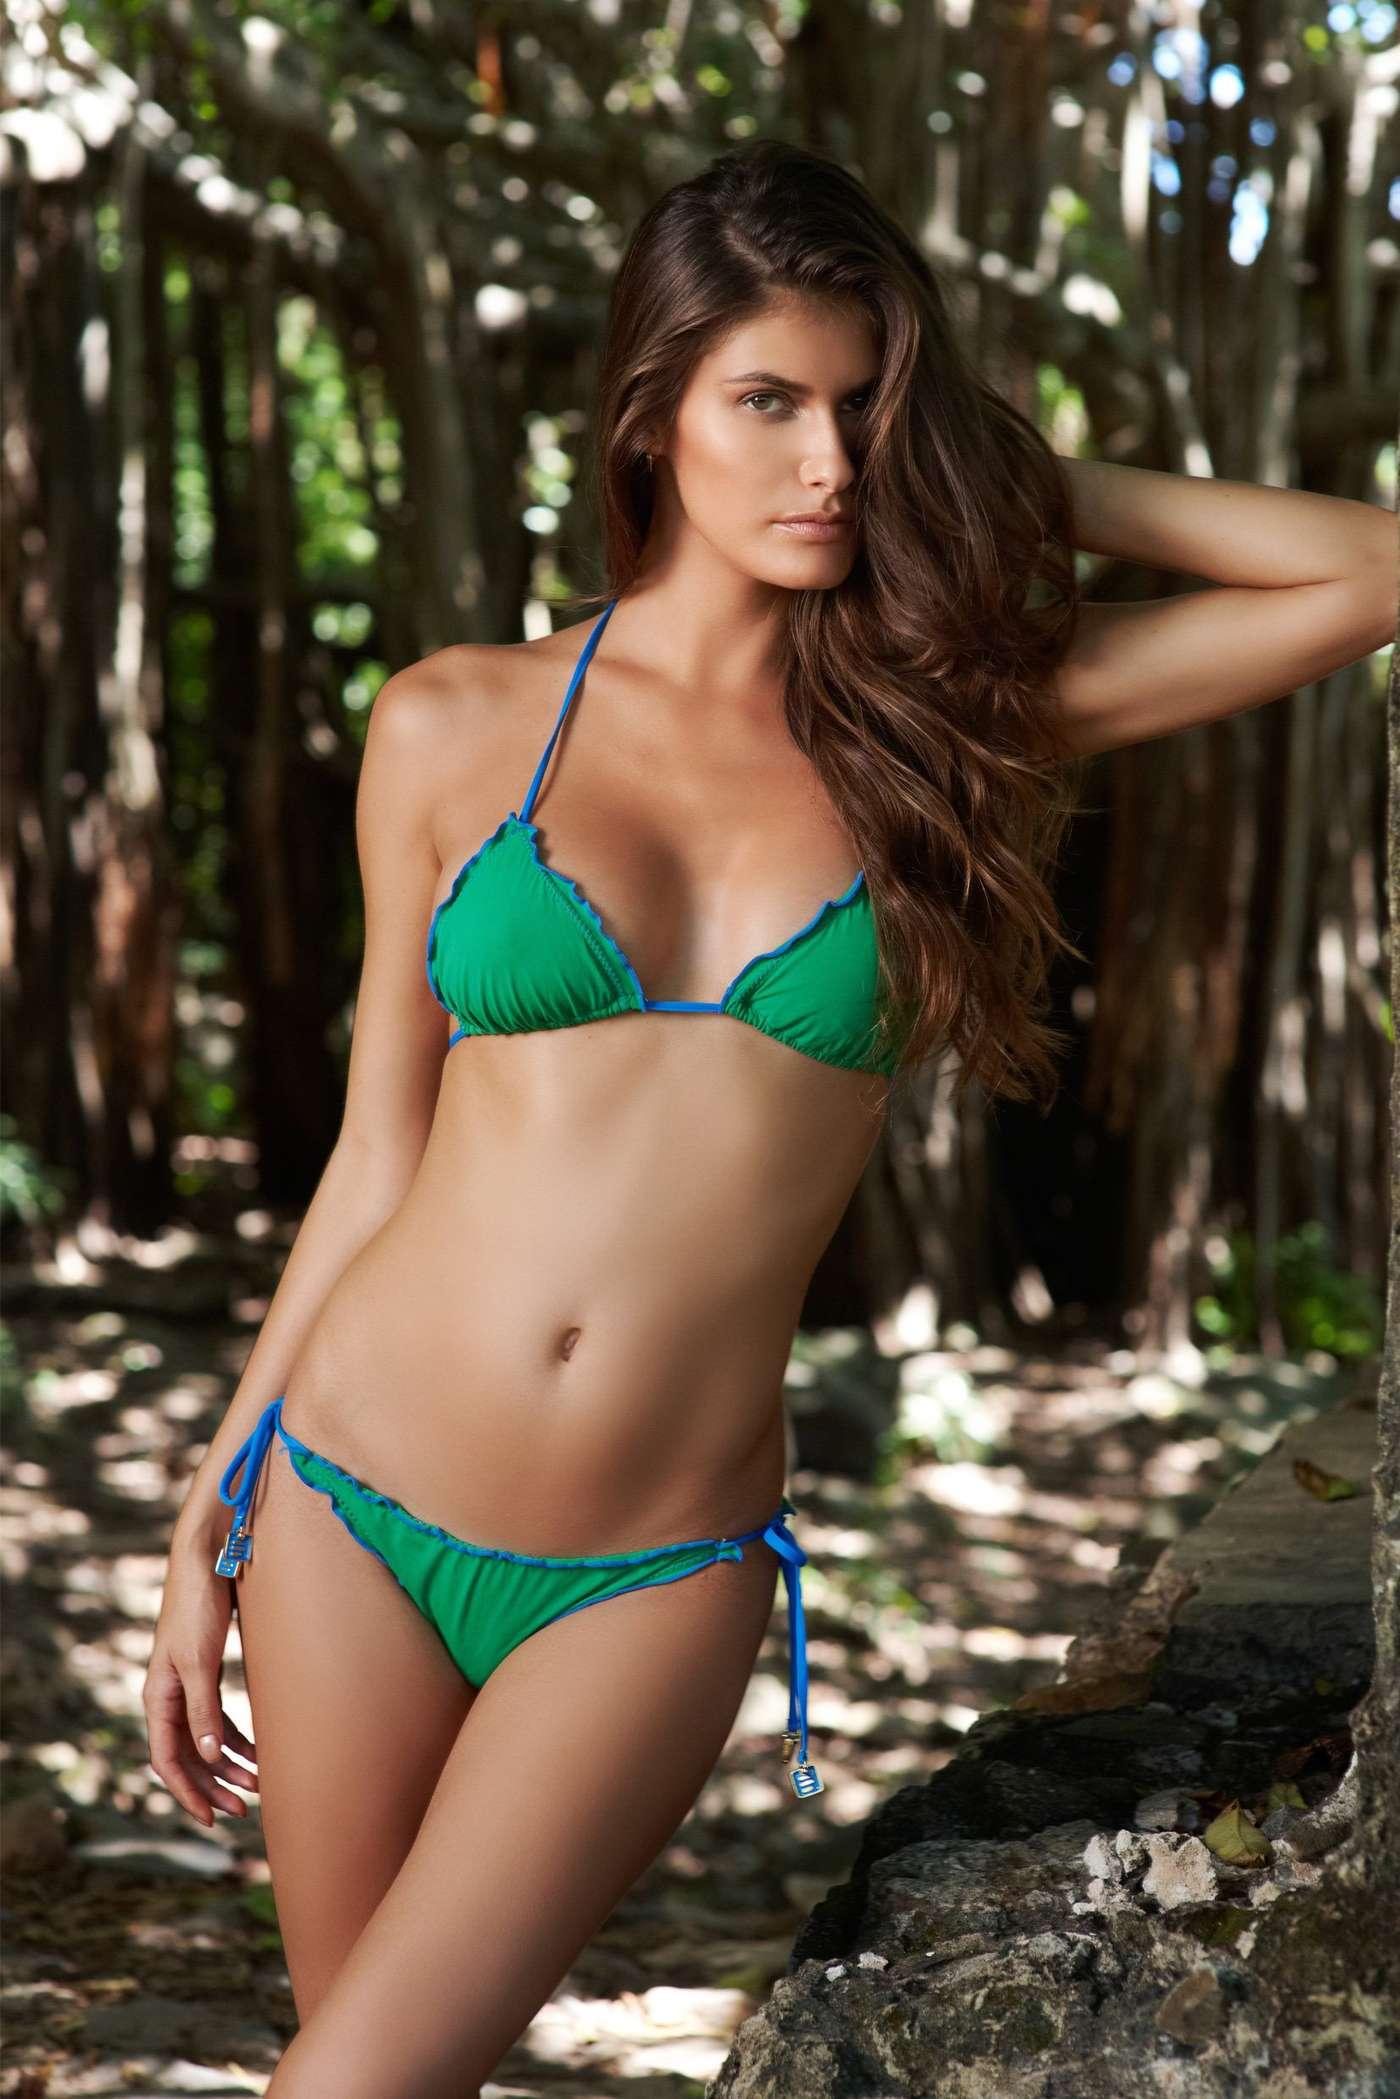 bikini-model-picture-galleries